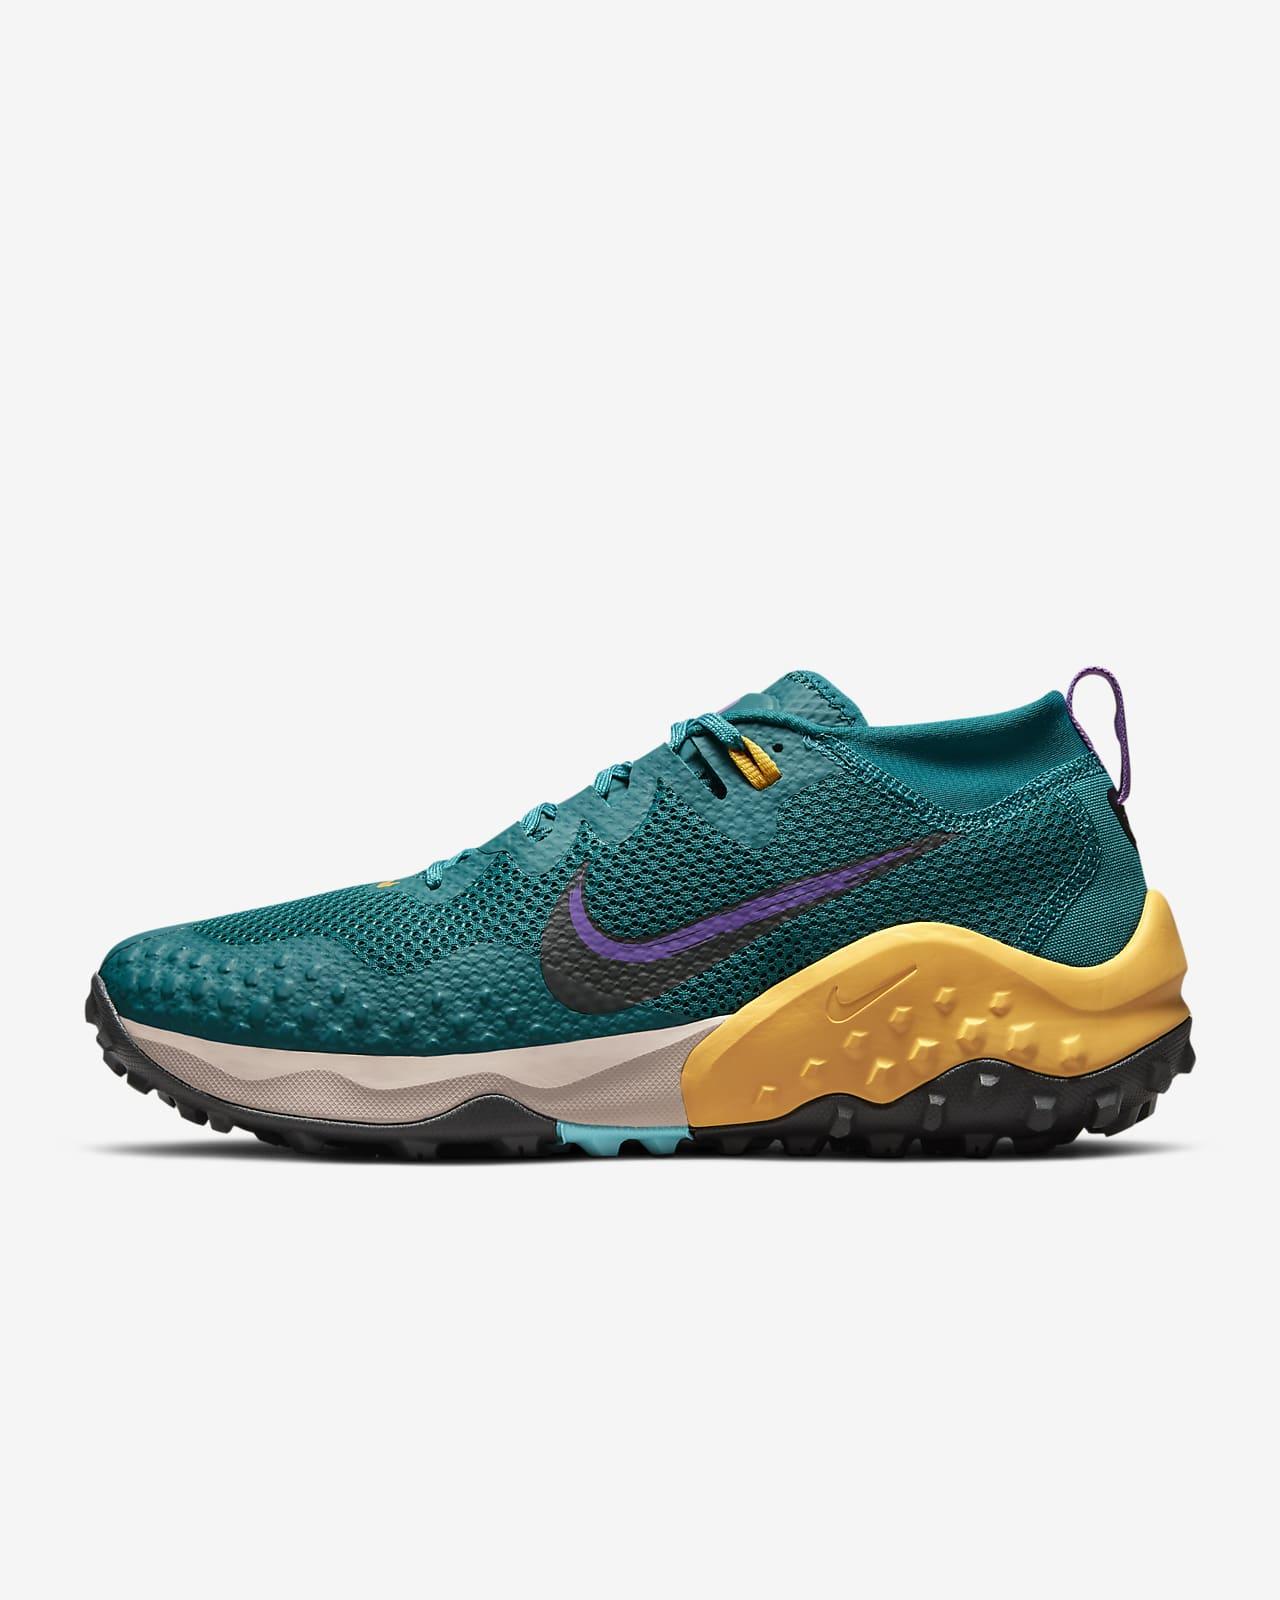 Мужские кроссовки для трейлраннинга Nike Wildhorse 7